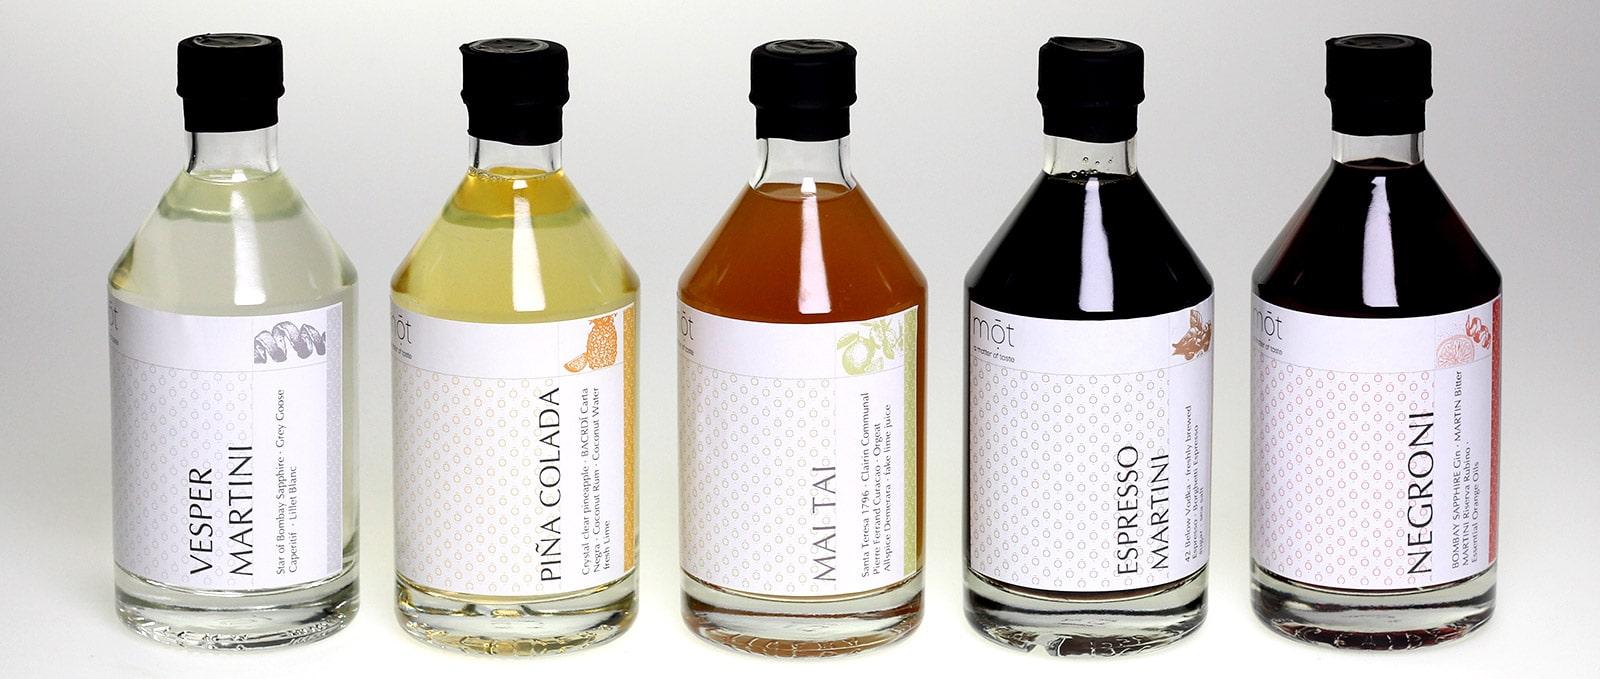 mōt > Bottled Cocktail Shop > Non Carbonated Drinks